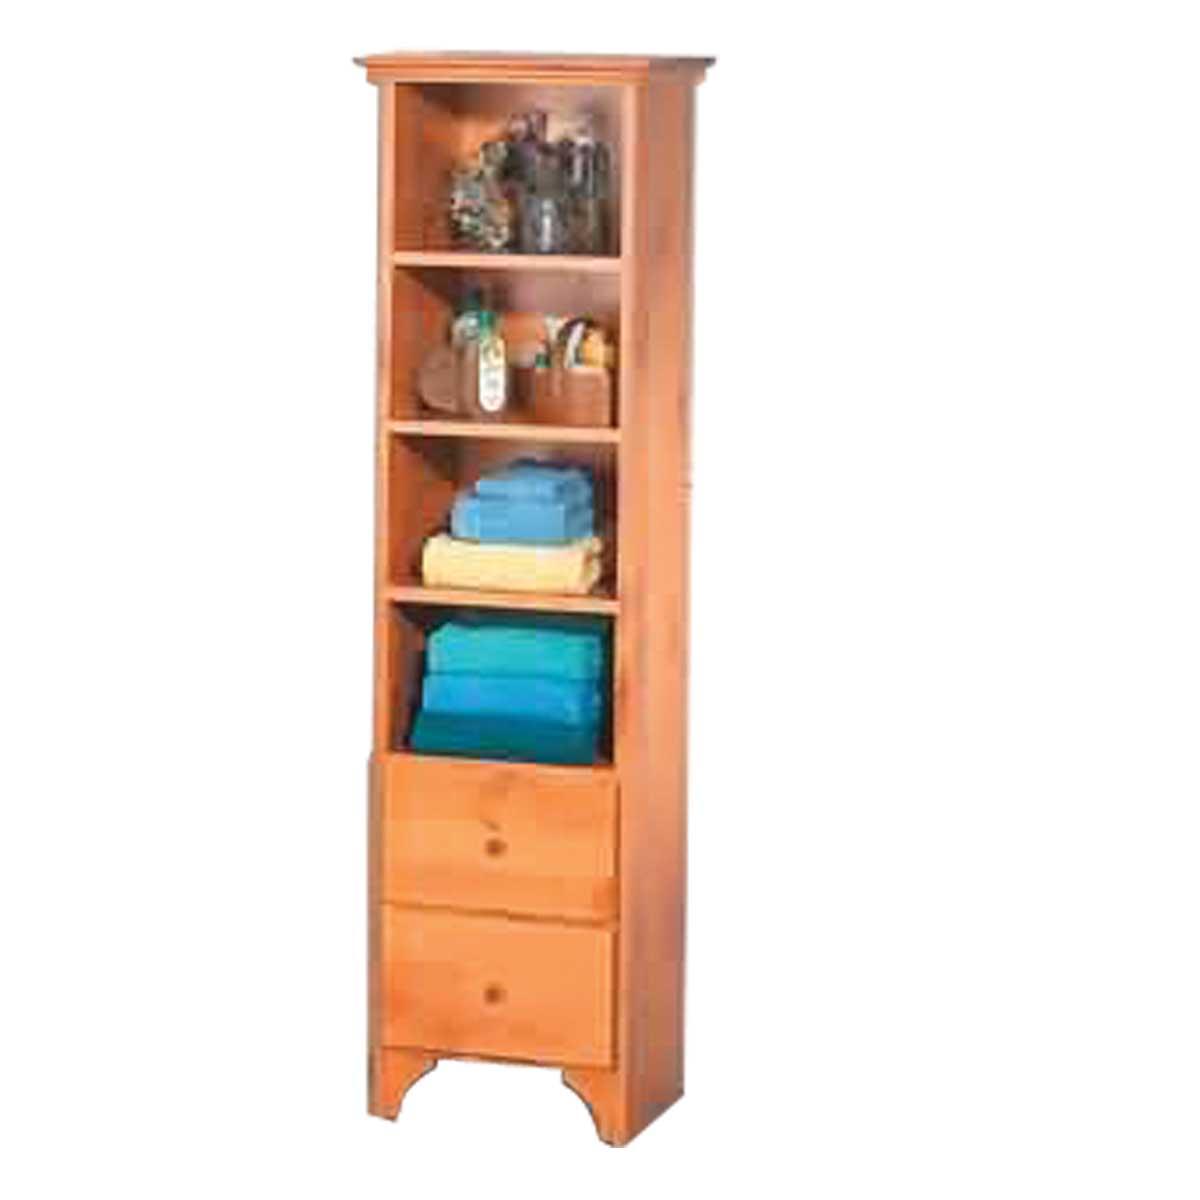 bath tower shelf organizer bathroom heirloom pine